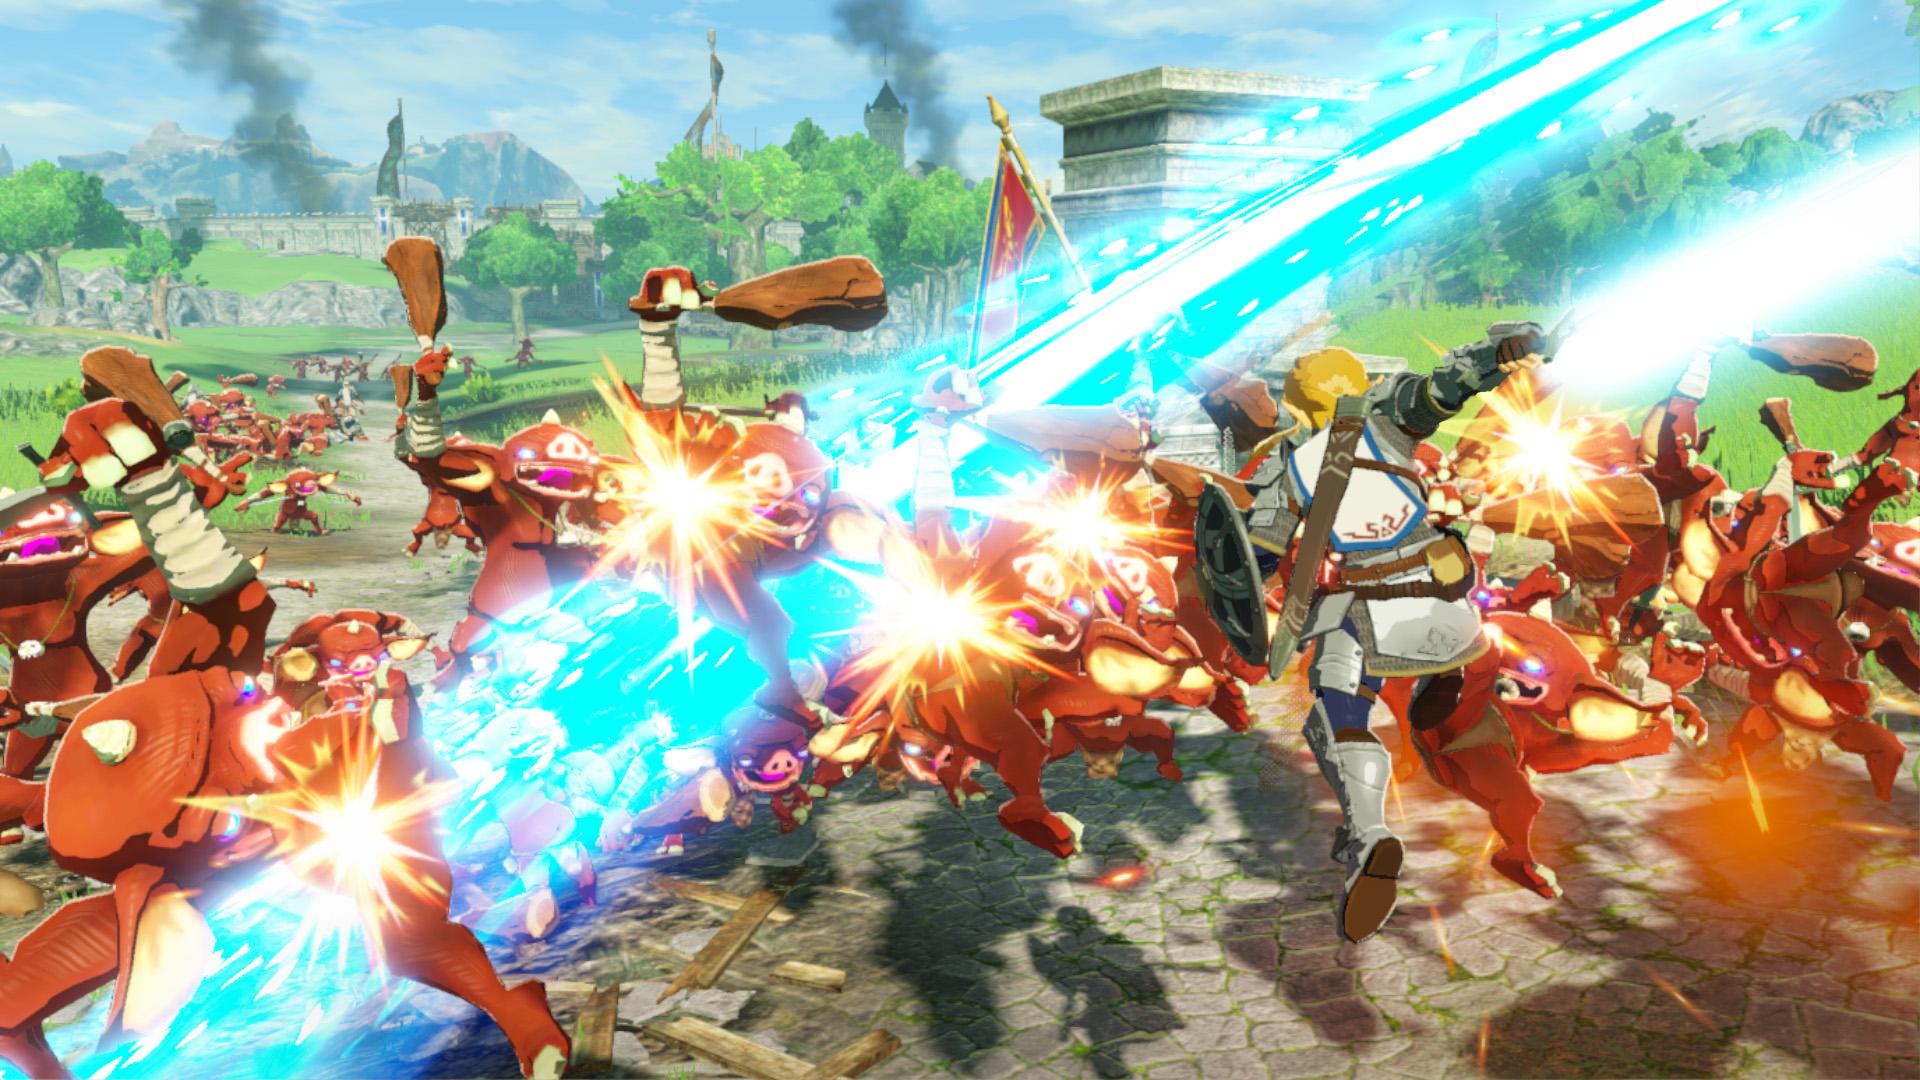 Hyrule Warriors: la era del cataclismo vende 3 millones de unidades en su primera semana